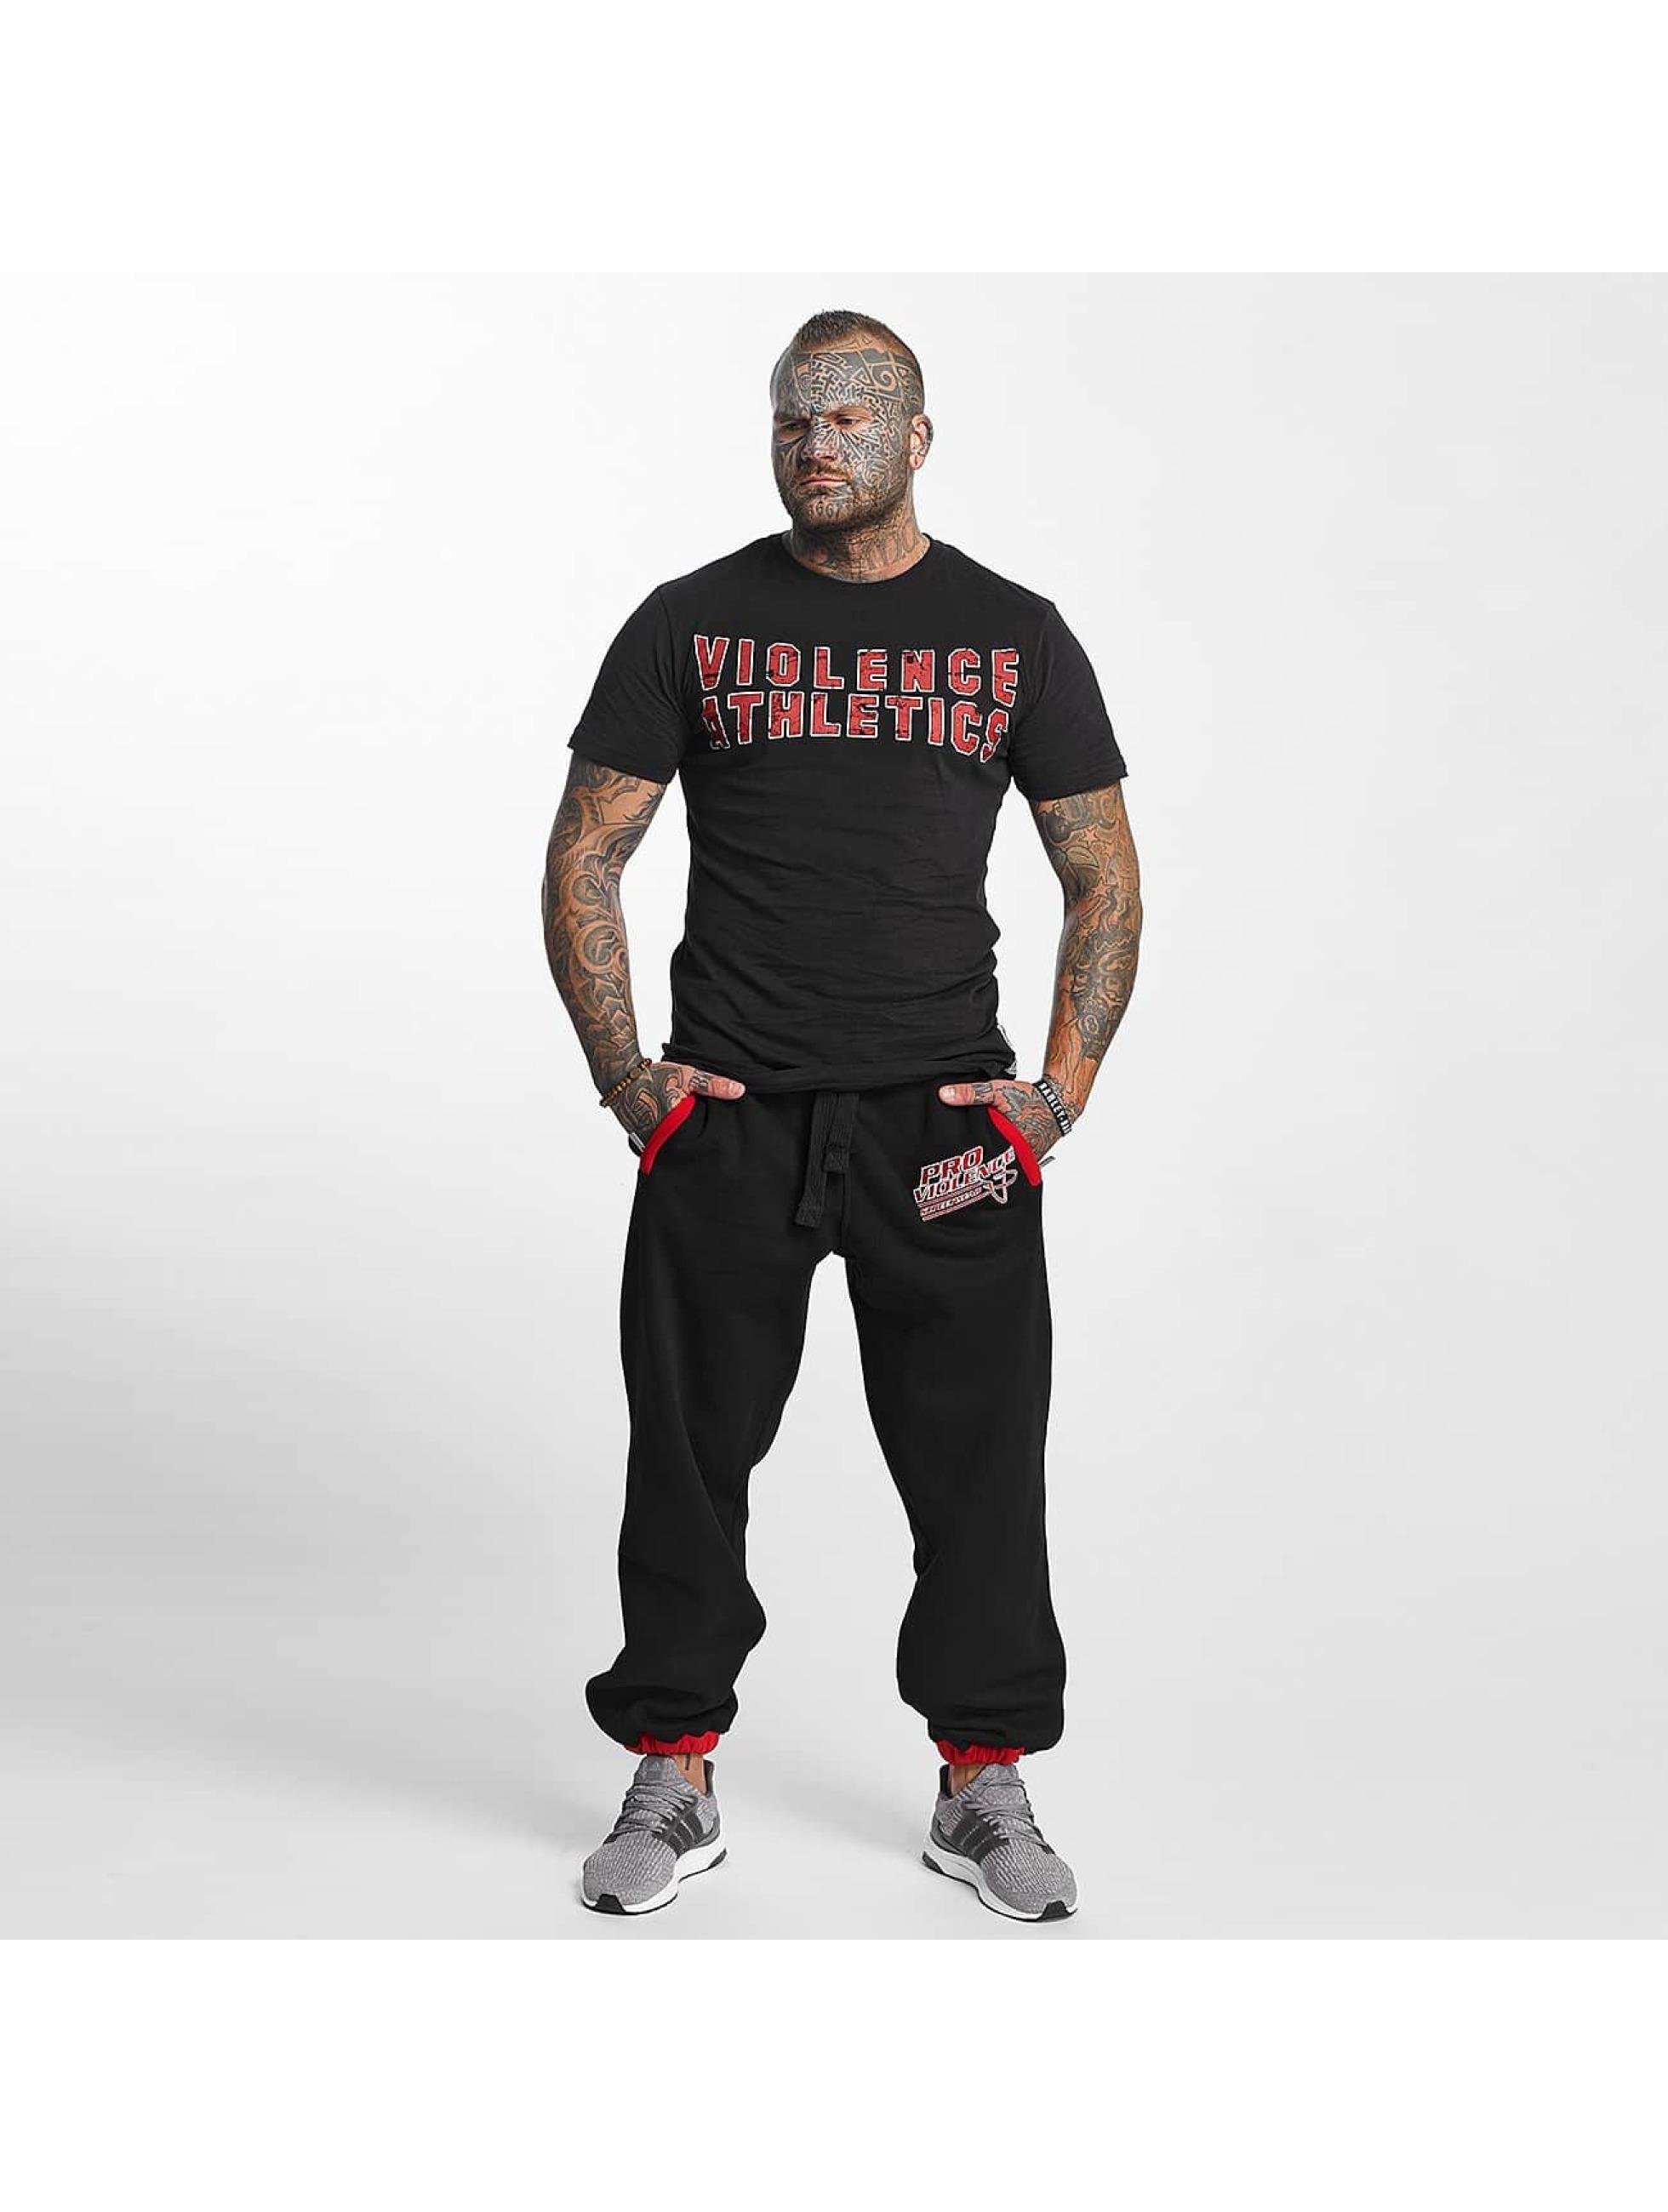 Pro Violence Streetwear T-paidat Streetwear Athletics musta